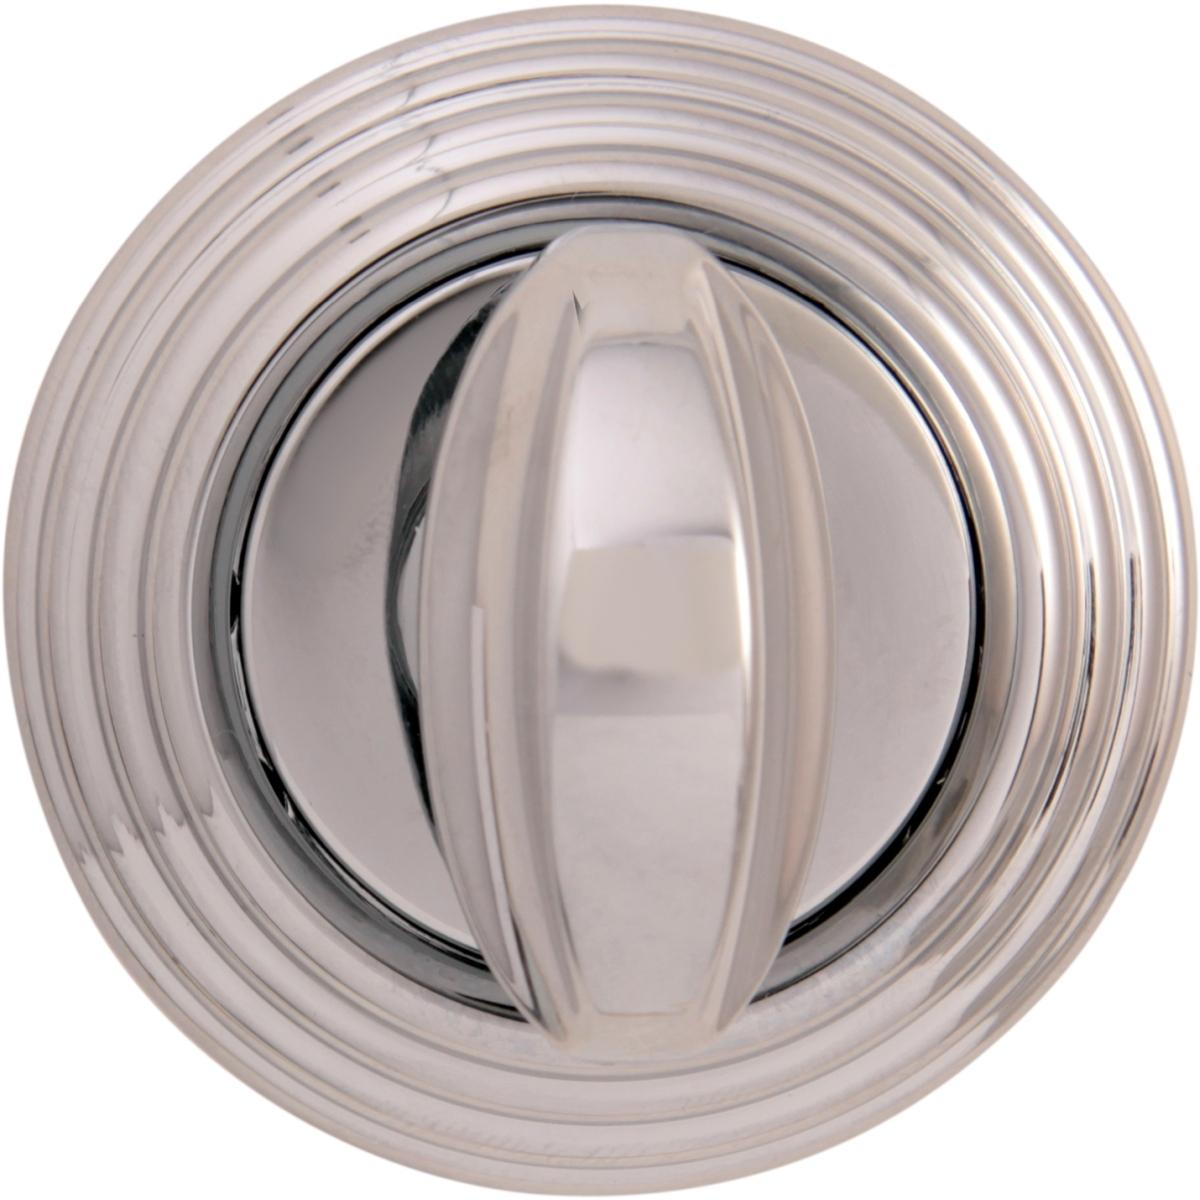 Дополнительные розетки для сантехнического замка WC 50 P CP